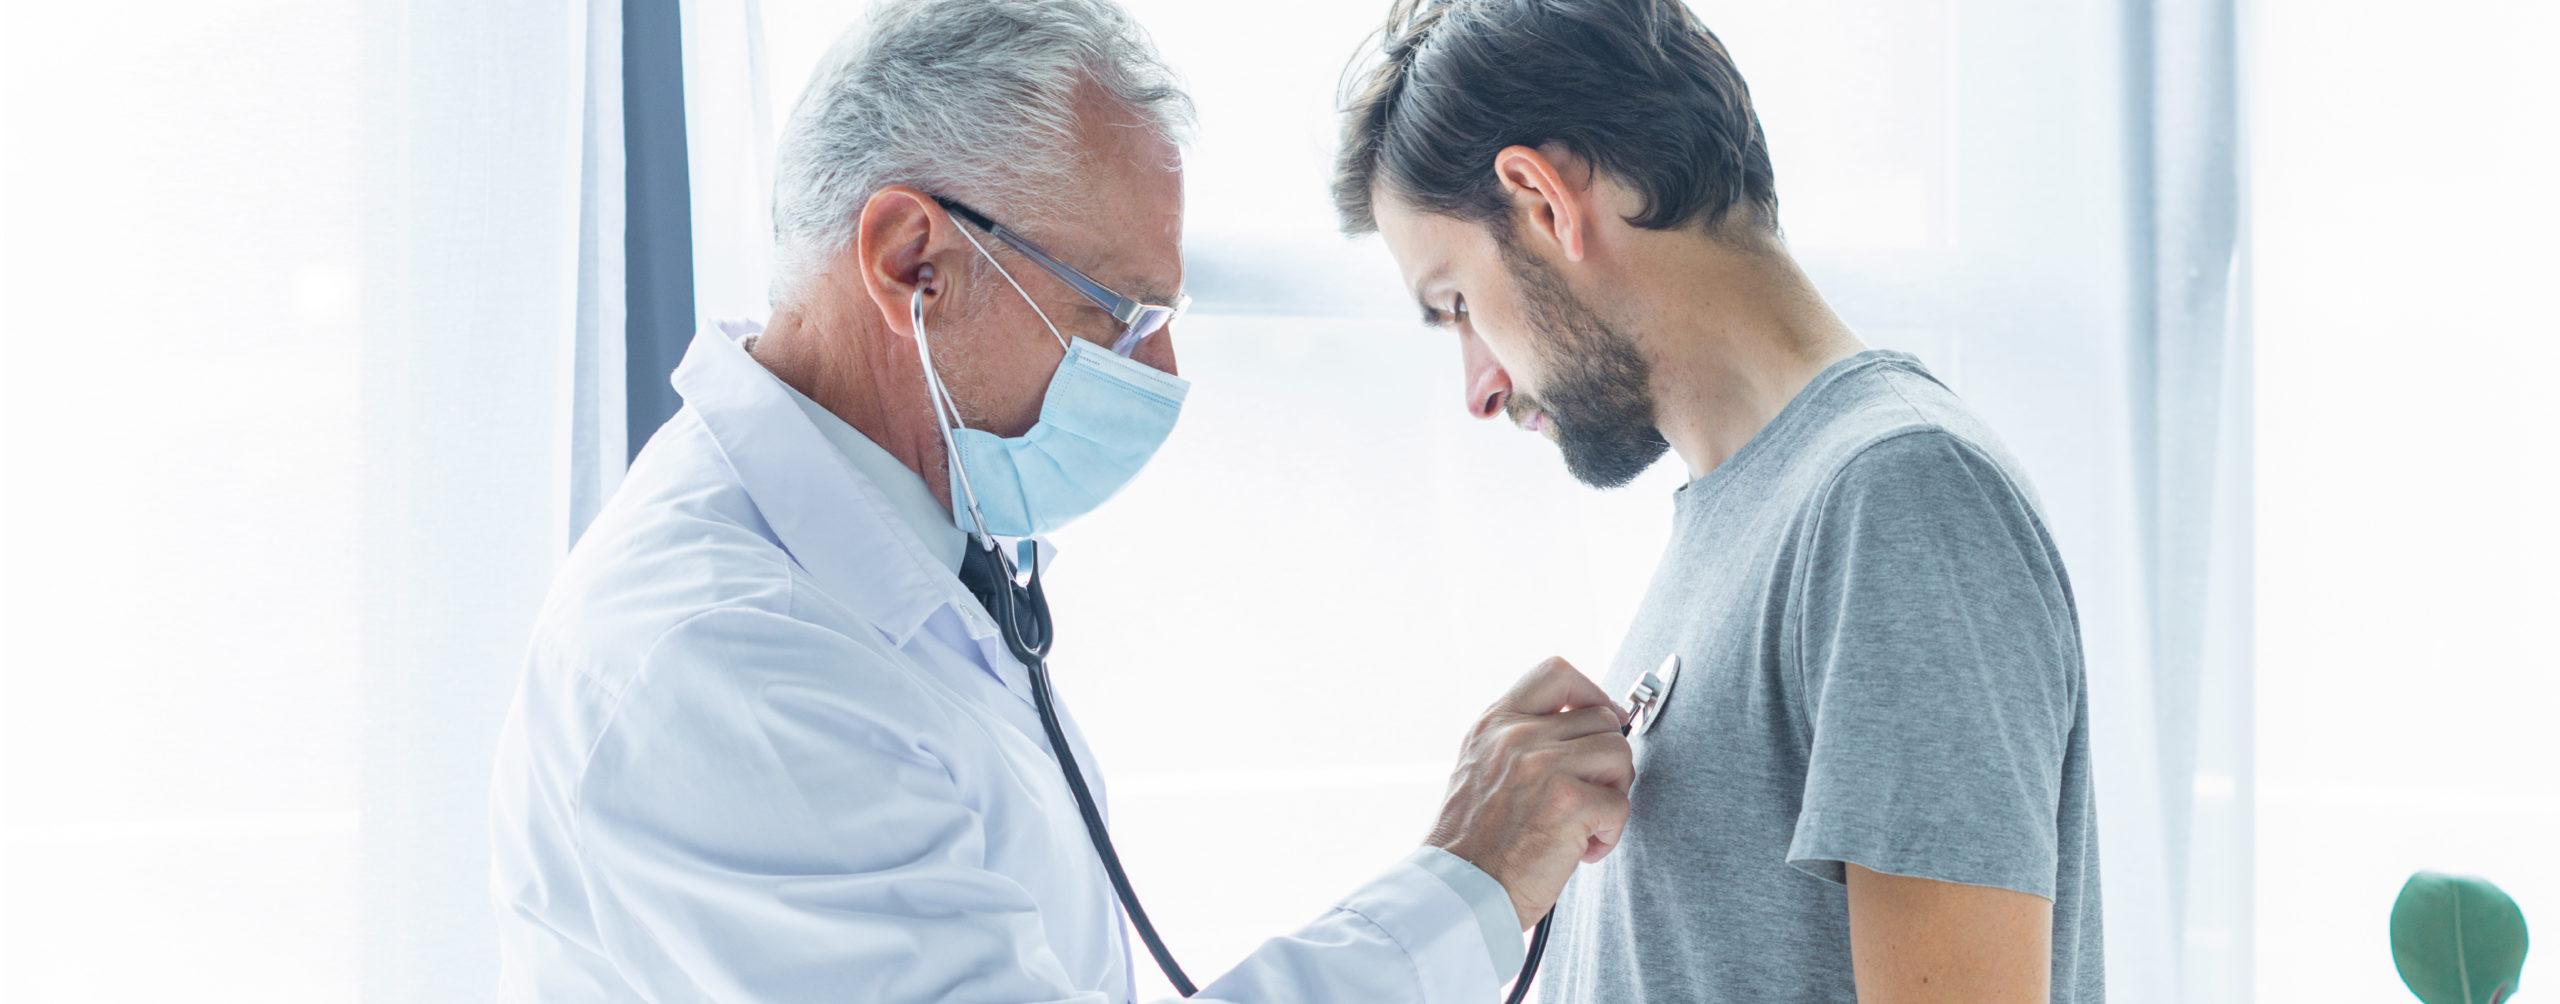 Recomendaciones pacientesEPOC